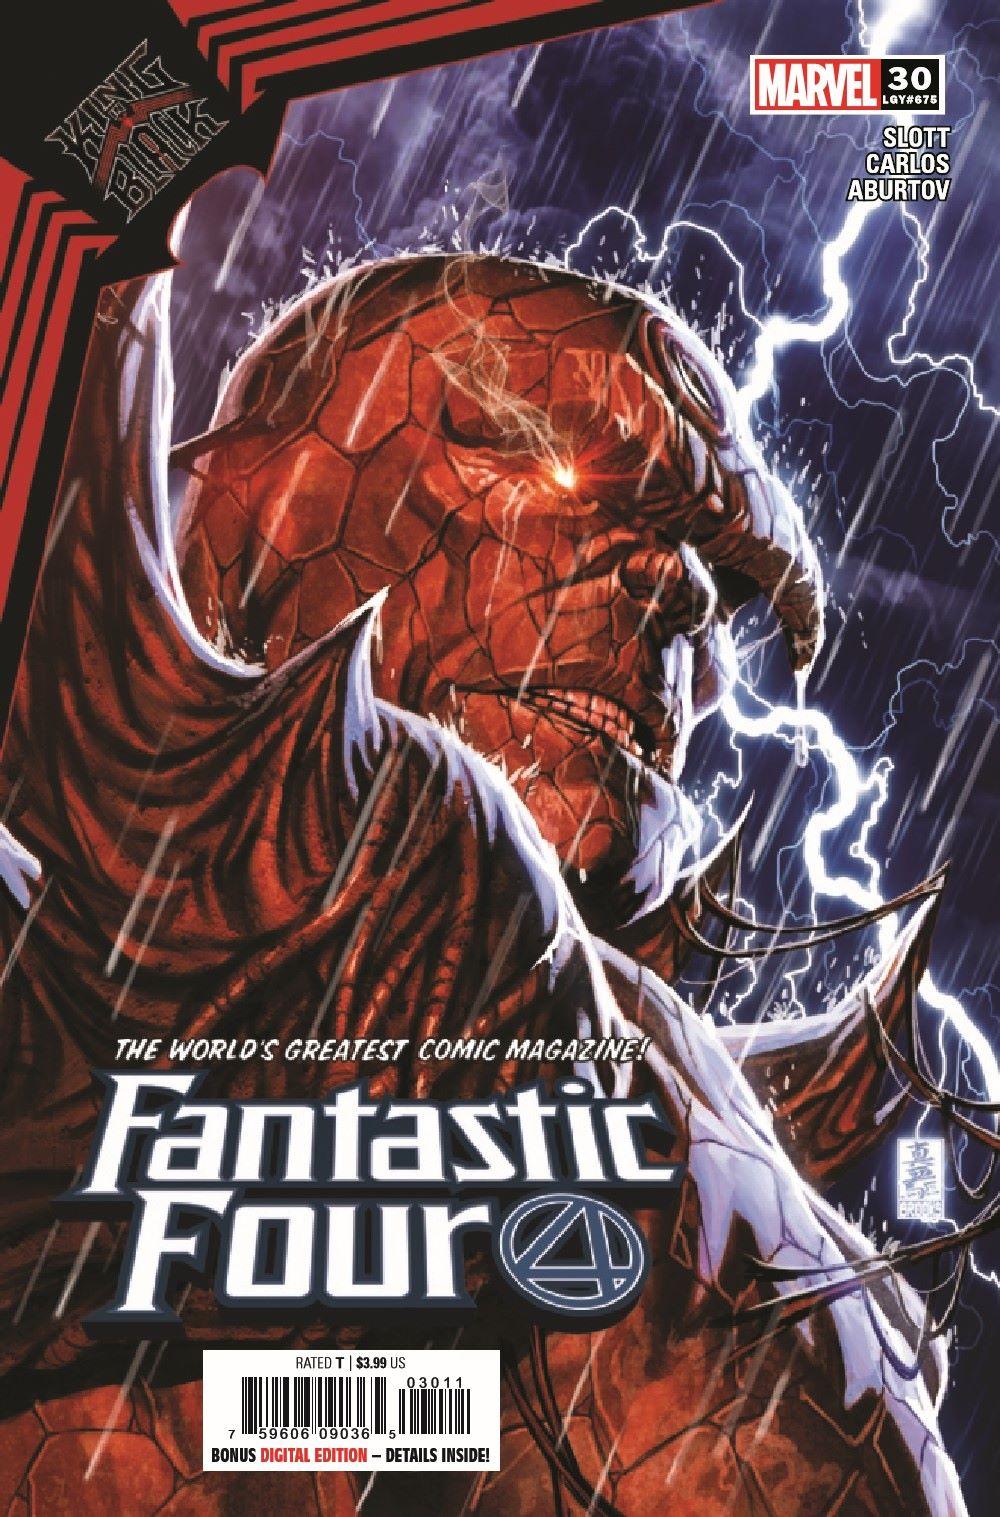 FF2018030_Preview-1 ComicList Previews: FANTASTIC FOUR #30